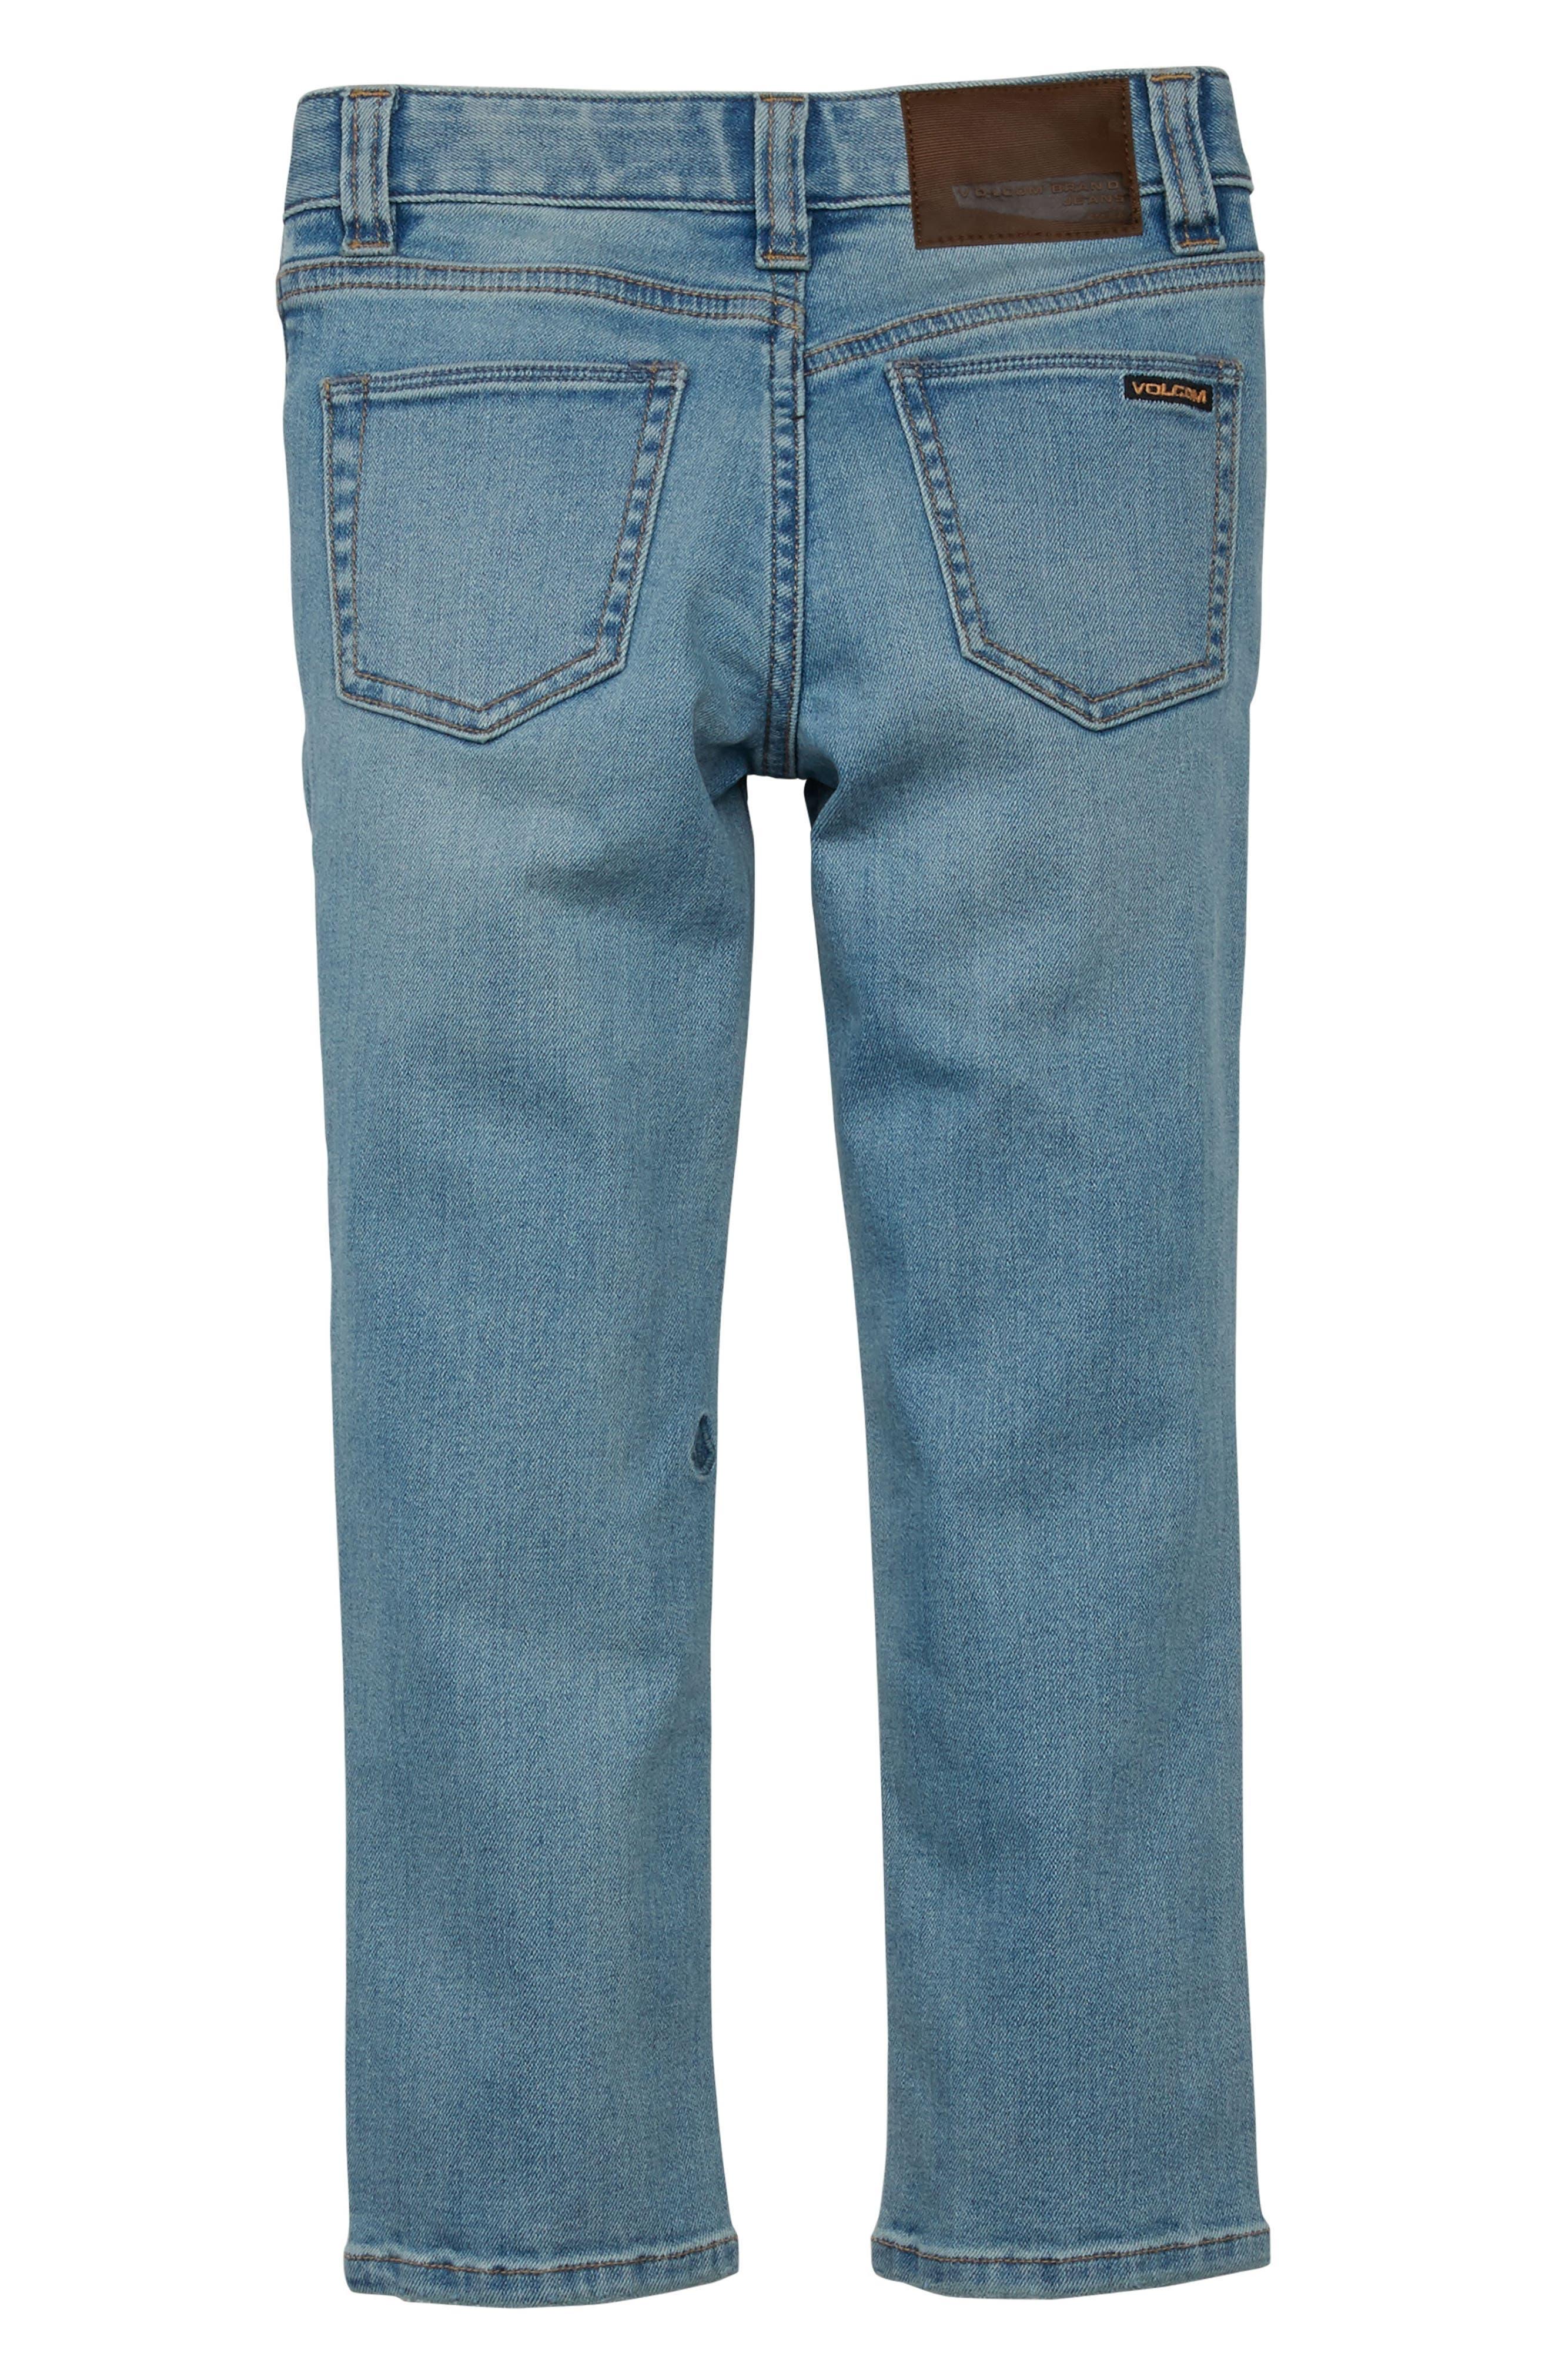 Vorta Slim Fit Jeans,                             Alternate thumbnail 2, color,                             STONELIGHT